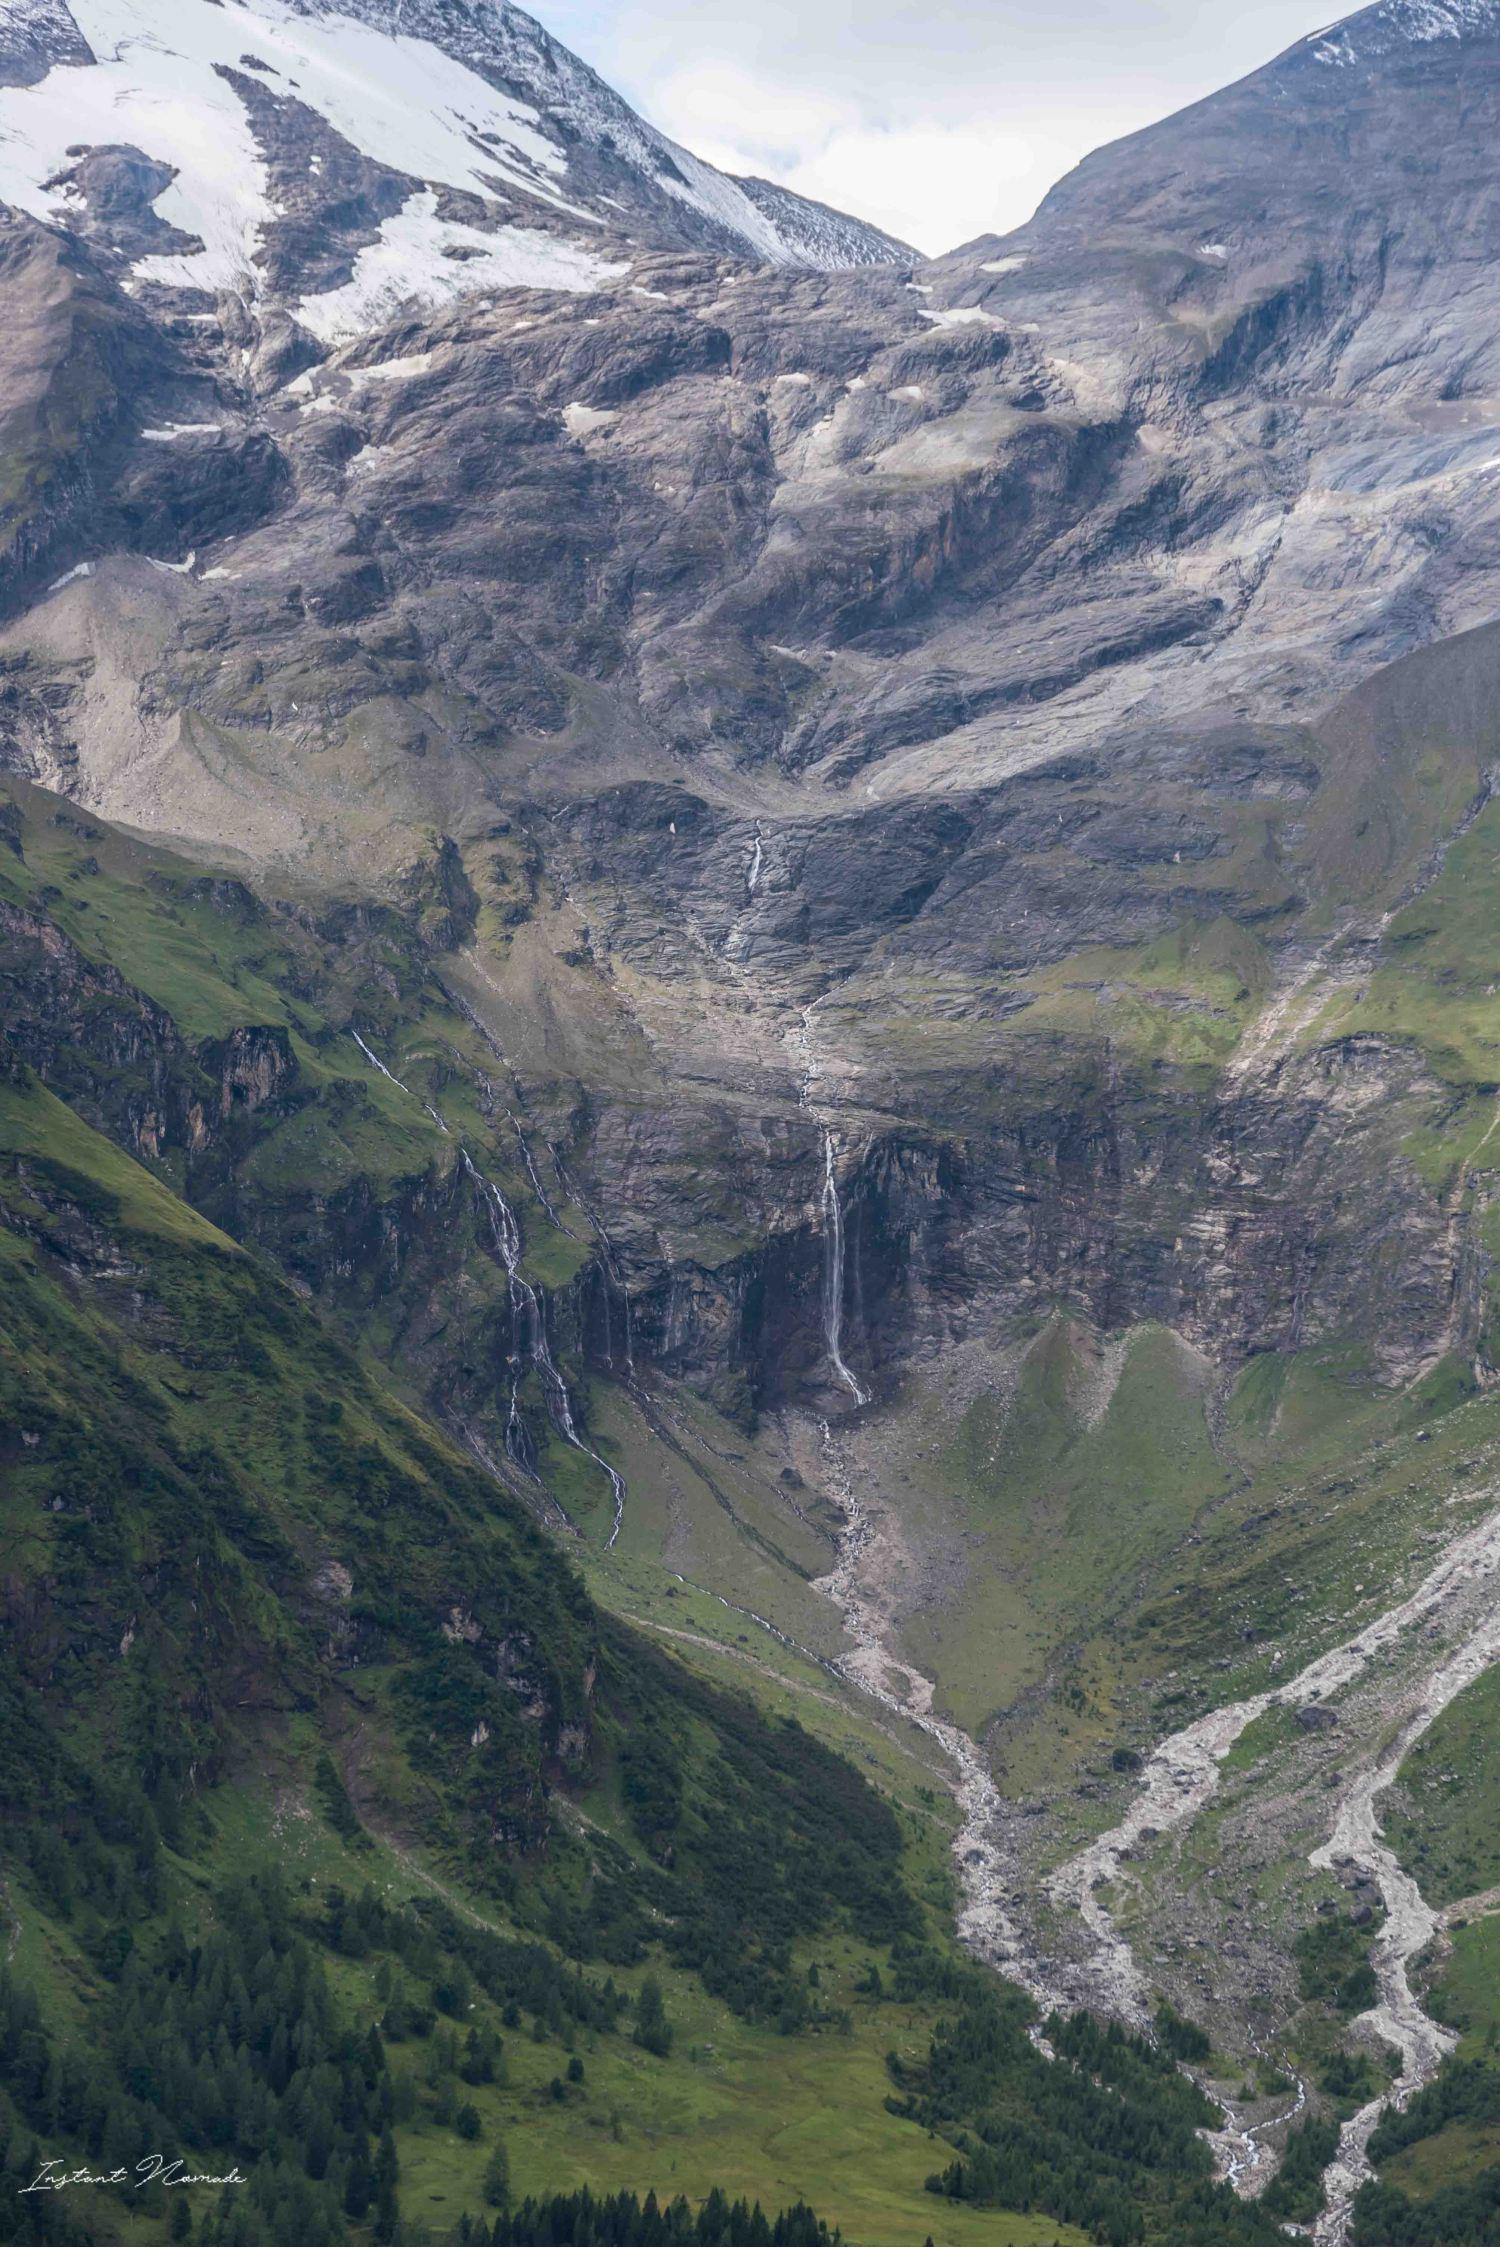 montagne tyrol autriche